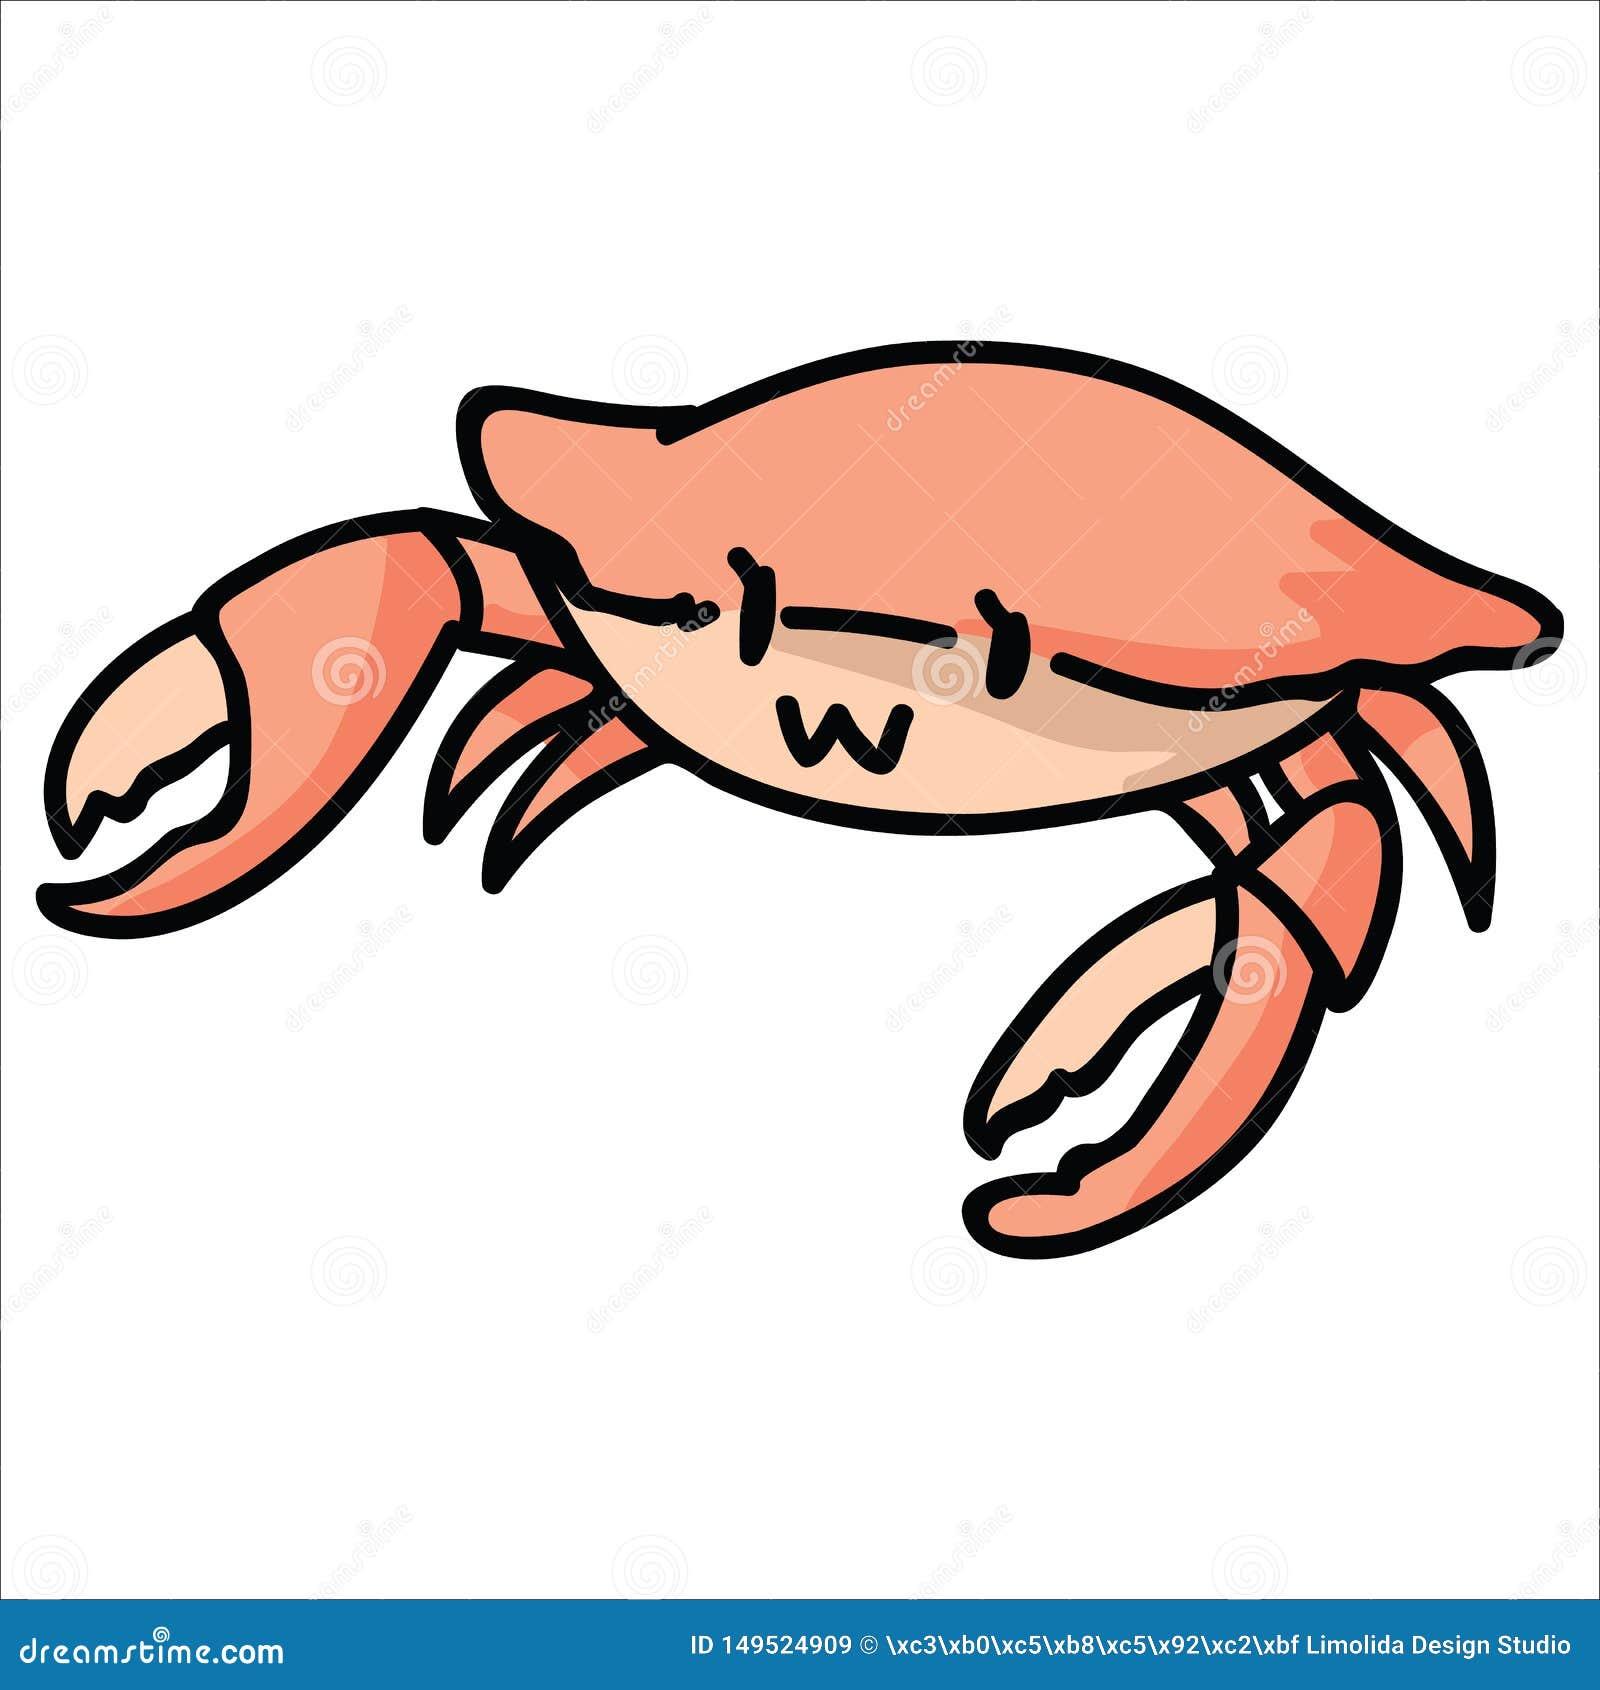 Cartoon Crab, Cartoon Clipart, Red Crab, Crab PNG Transparent ...   1689x1600